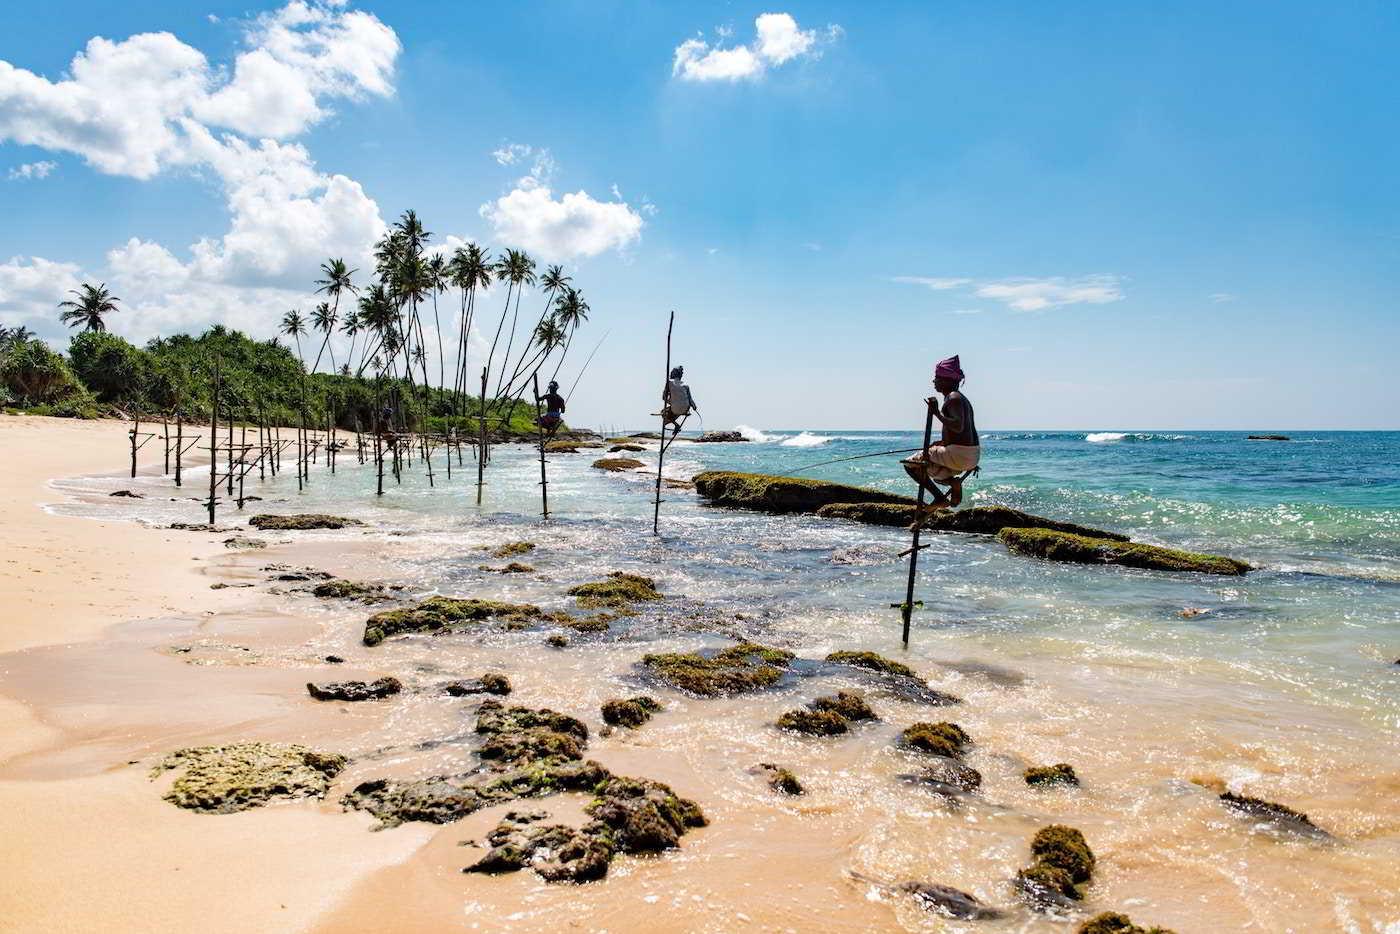 earthlinks srilanka fishermans sticks ocean beach sand.jpg